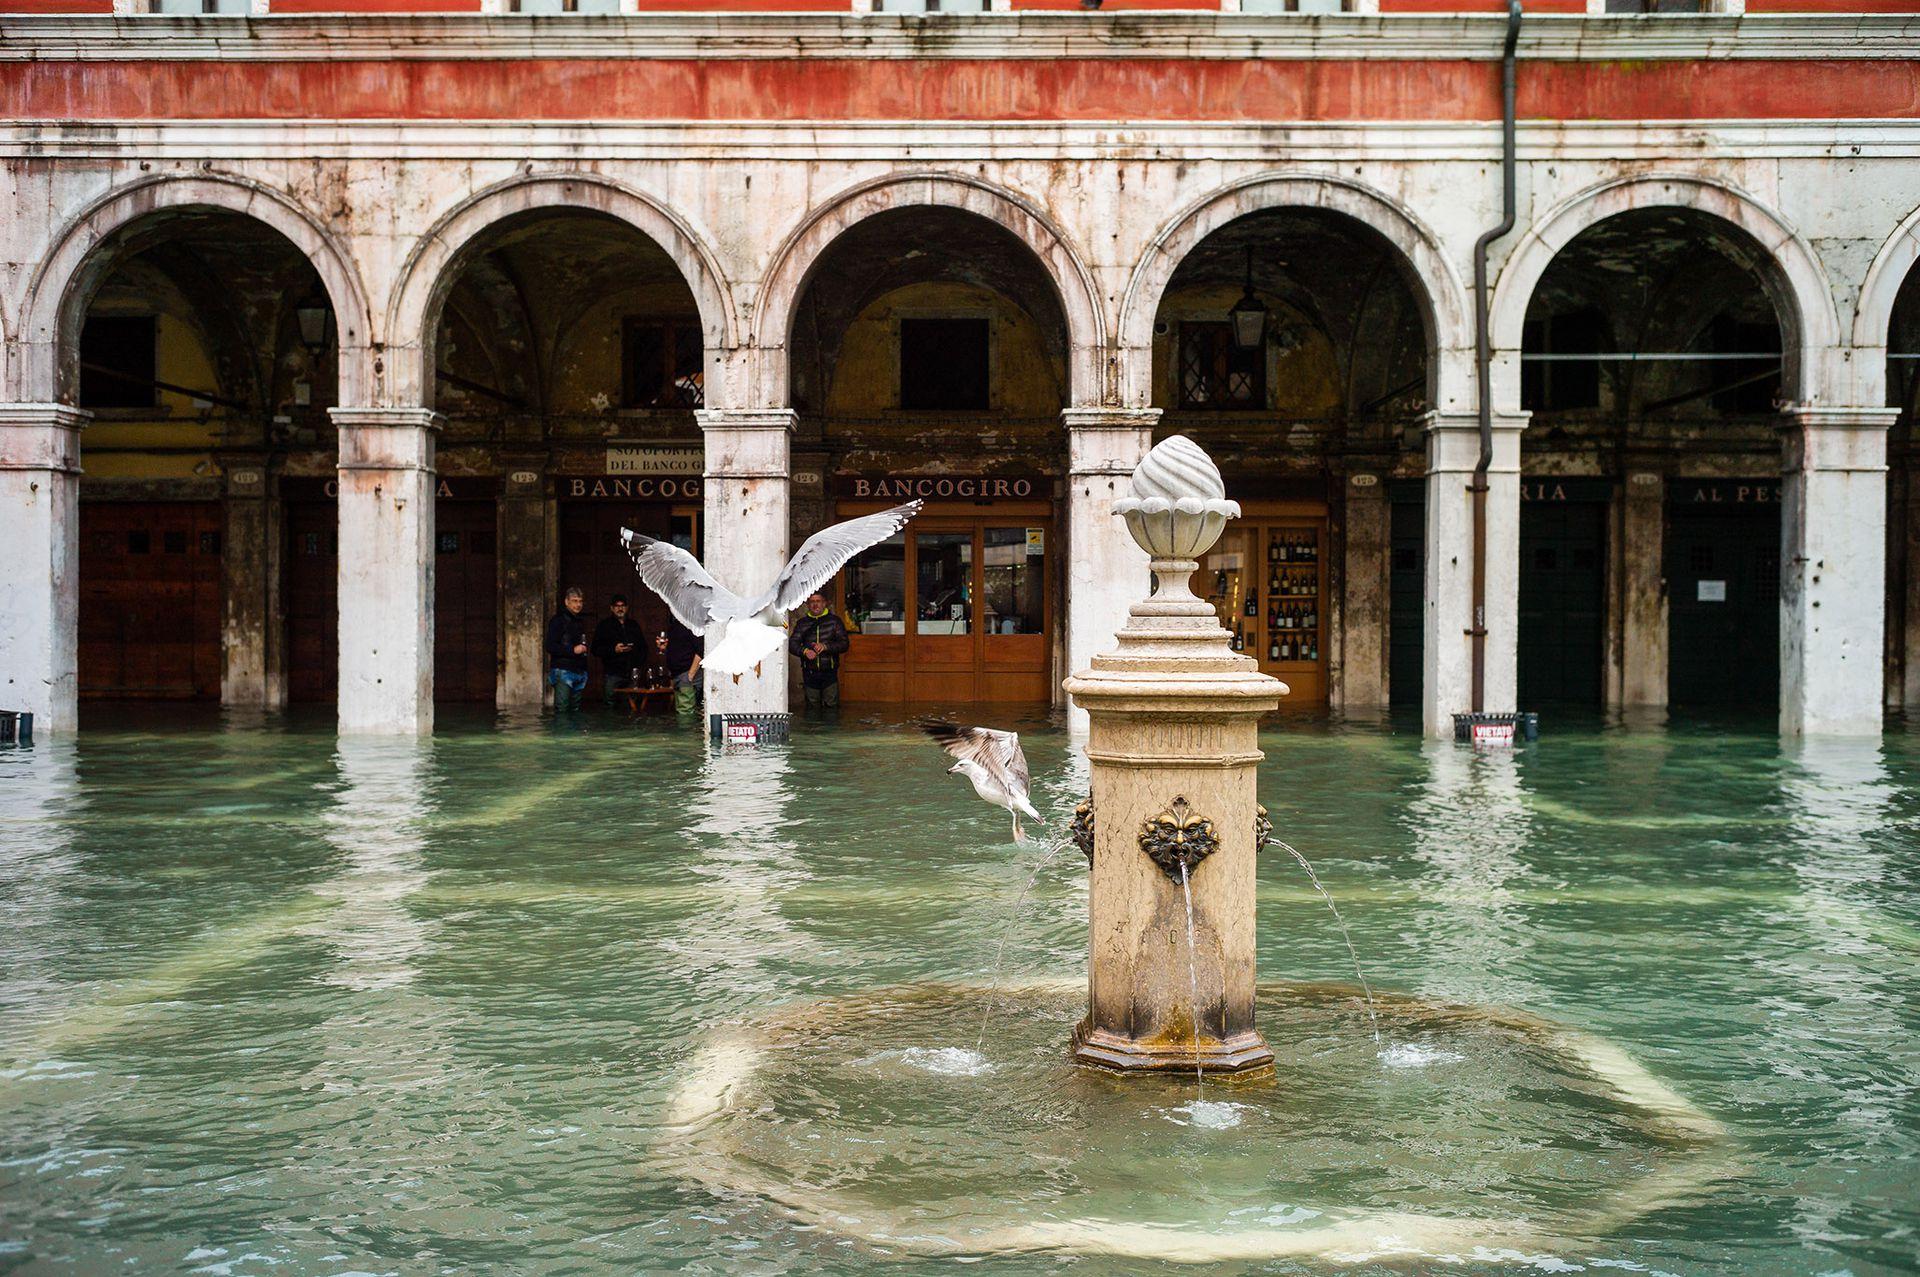 Sobre llovido, mojado. La fuente inundada y las palomas. Triste postal de la realidad veneciana.